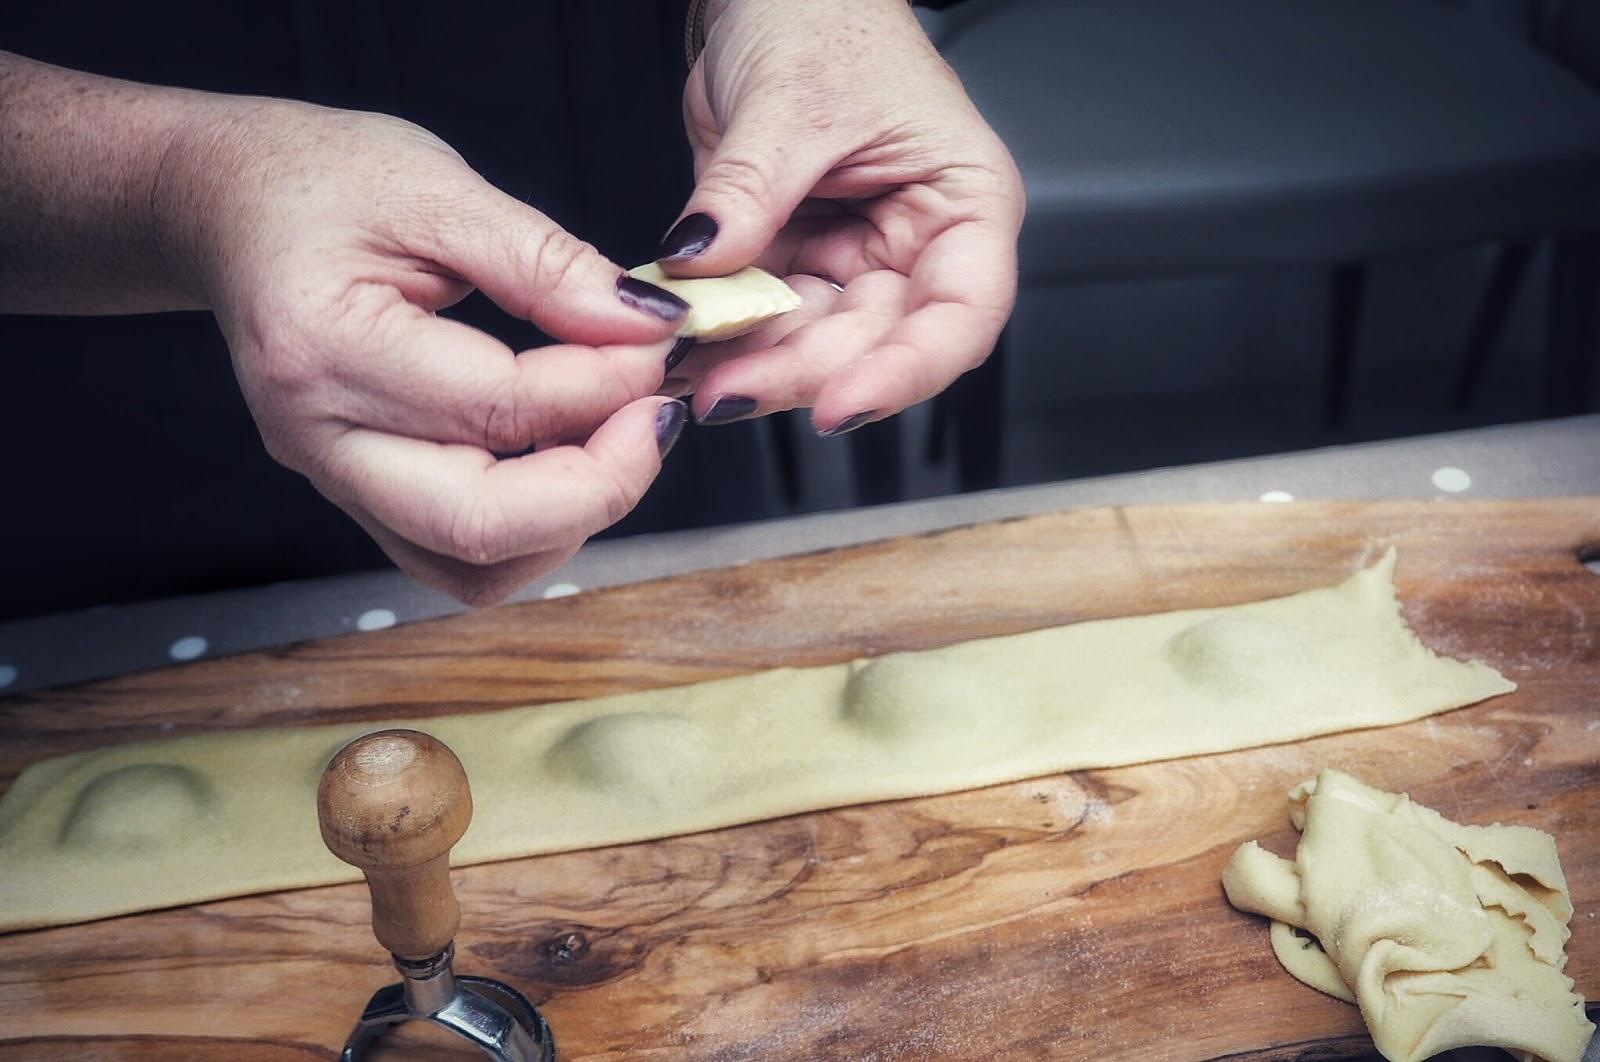 Italian ravioli crafting